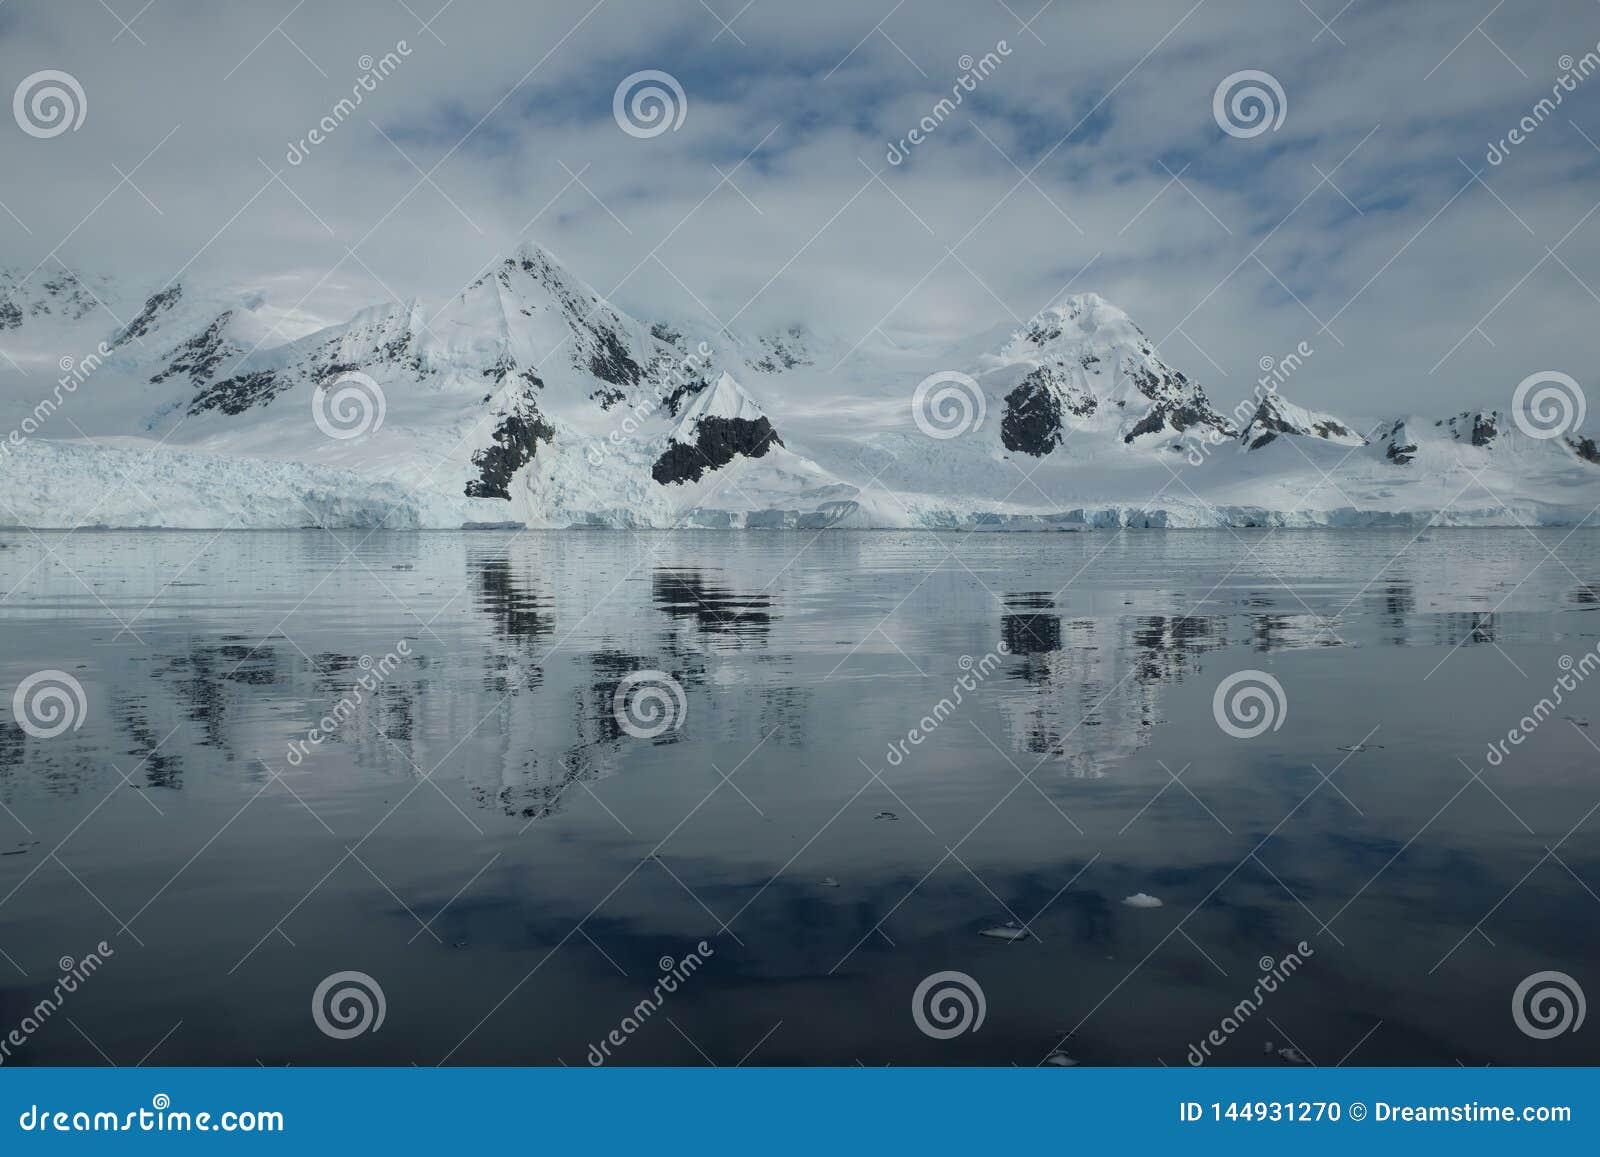 Antarctica glacial mountains reflecting in the mirror bay